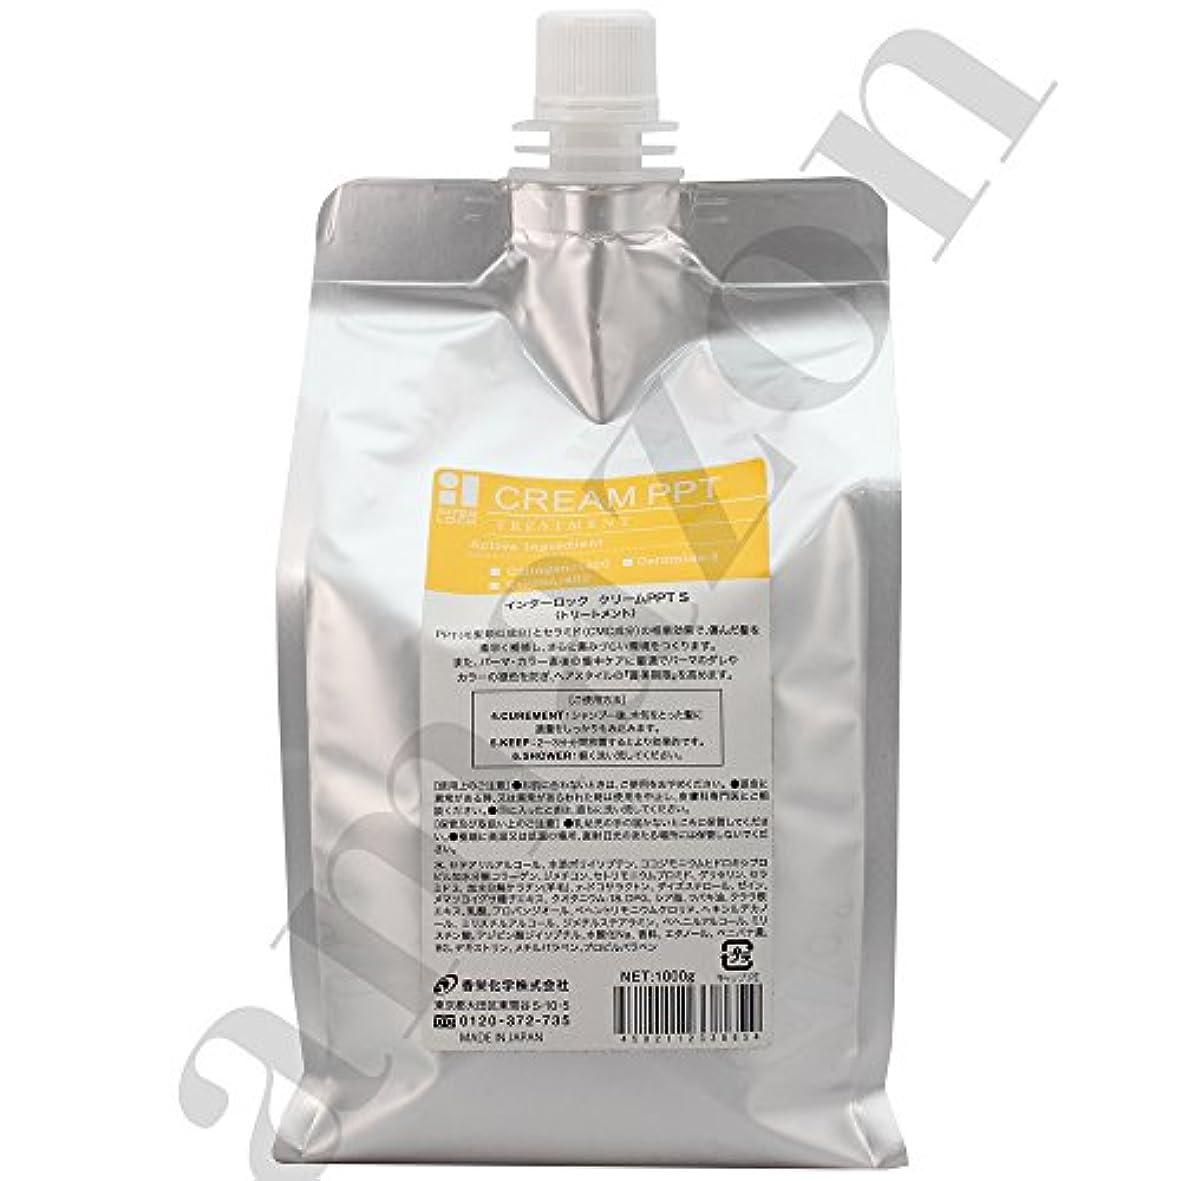 引き付けるスライムレガシー香栄化学 インターロック クリームPPT S レフィル 1000g